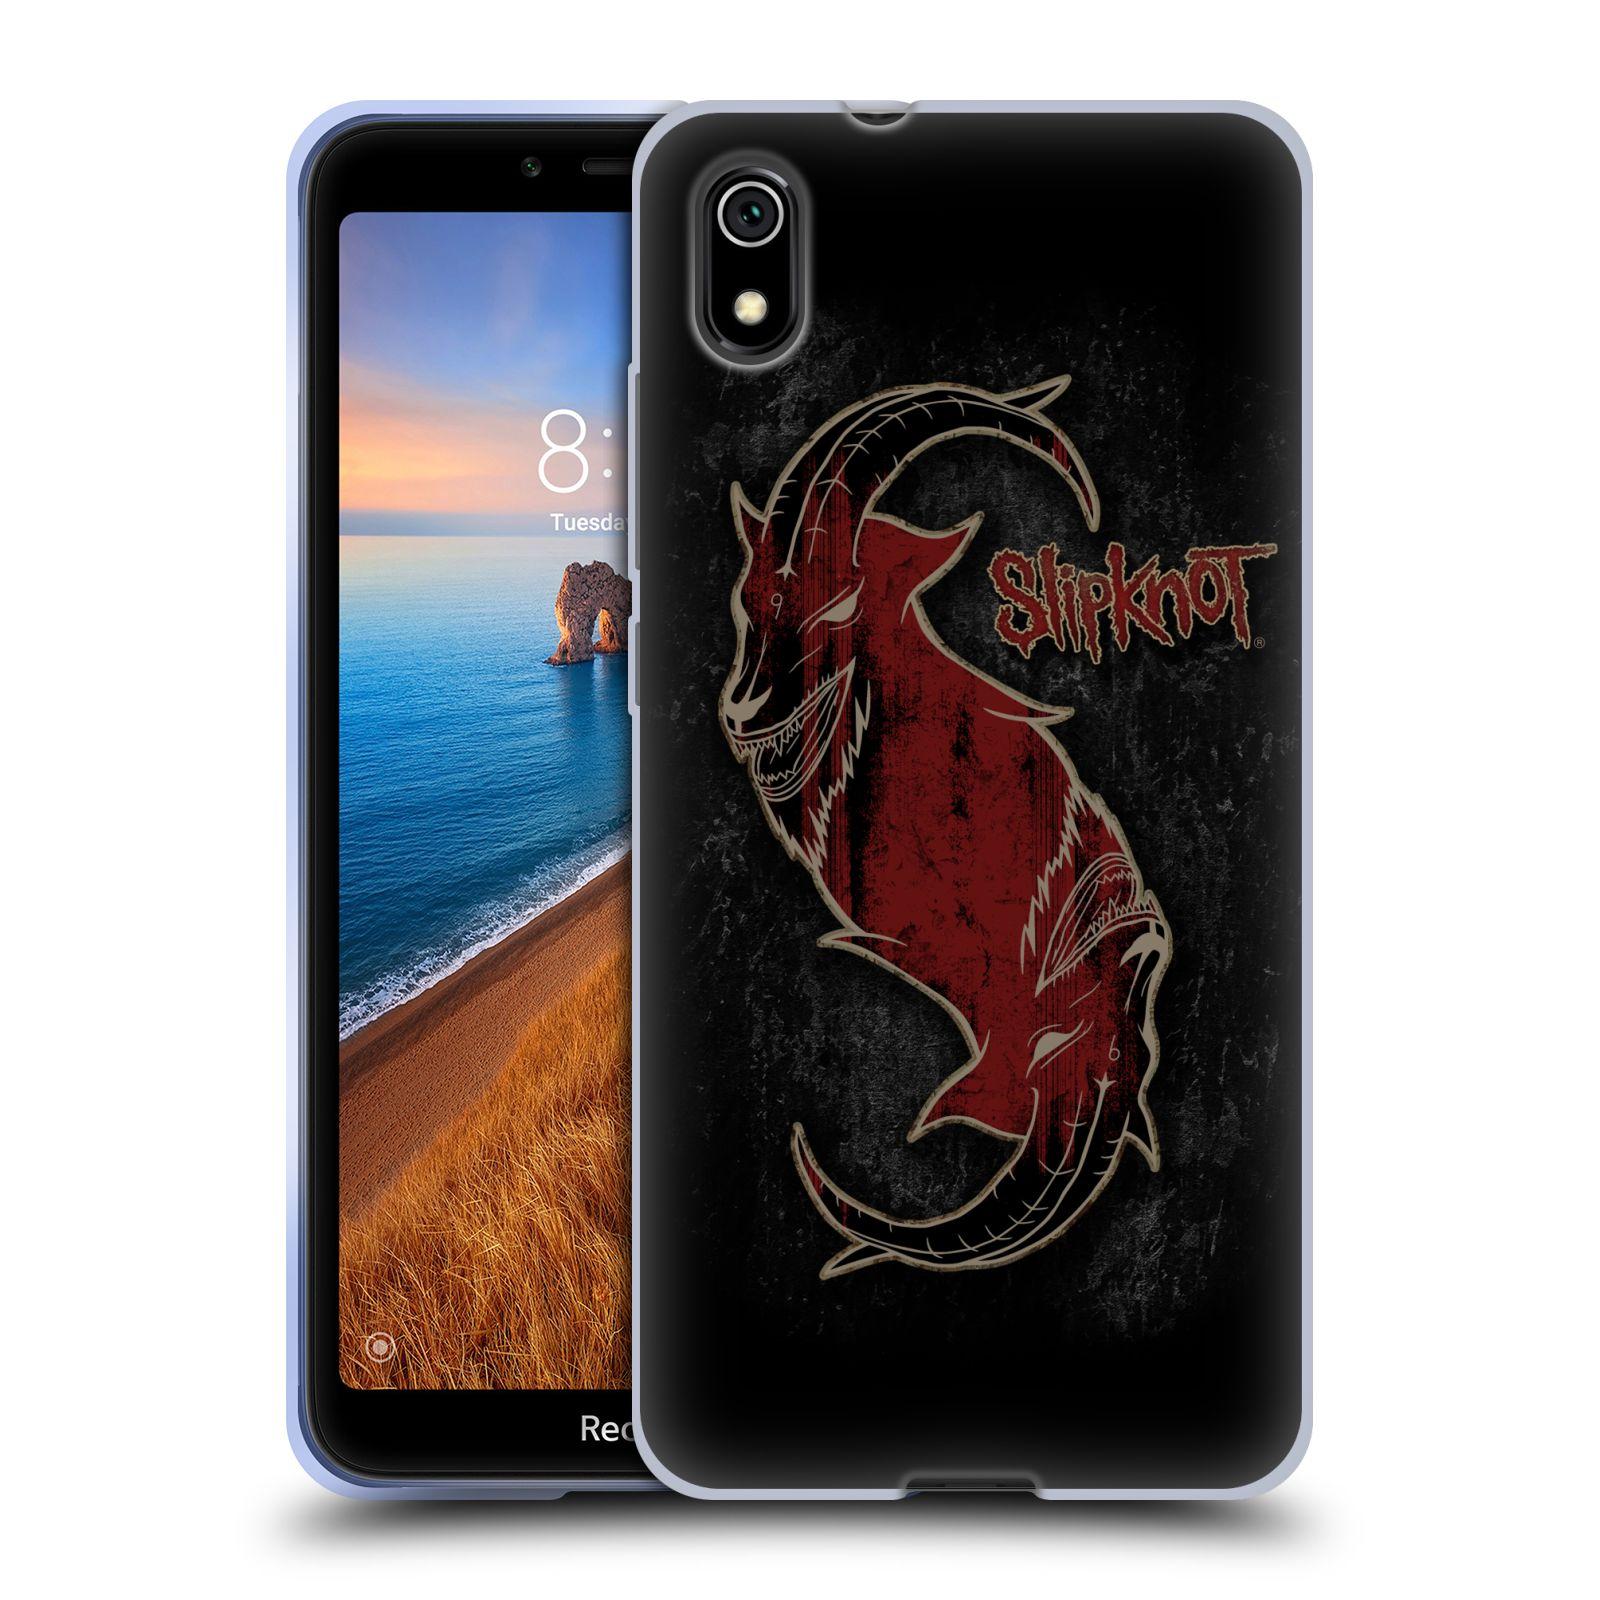 Silikonové pouzdro na mobil Redmi 7A - Head Case - Slipknot - Rudý kozel